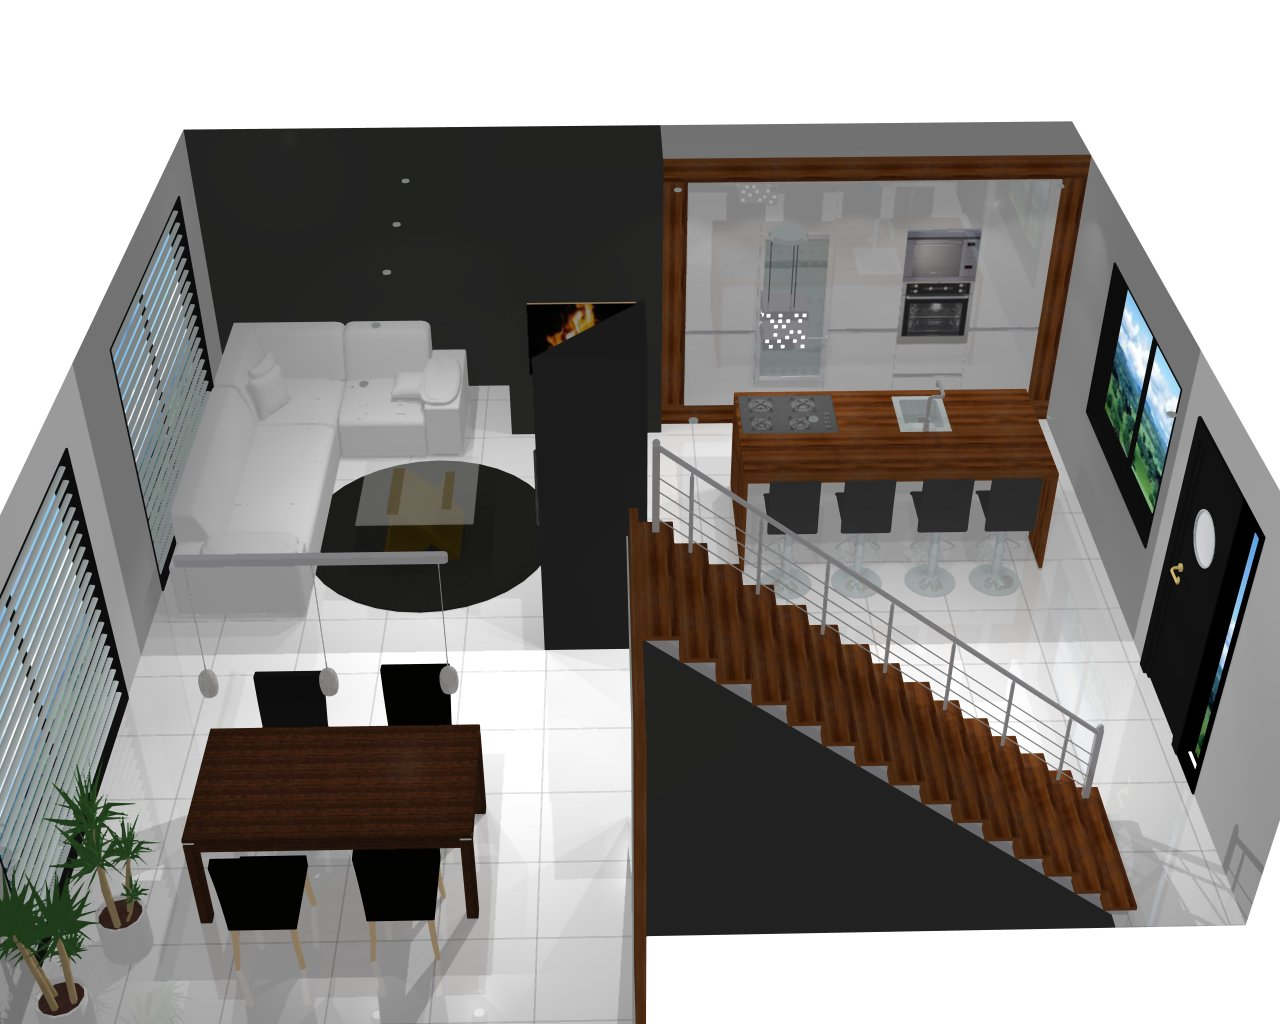 Notre futur int rieur constructionserieuse62acq for Futur interieur